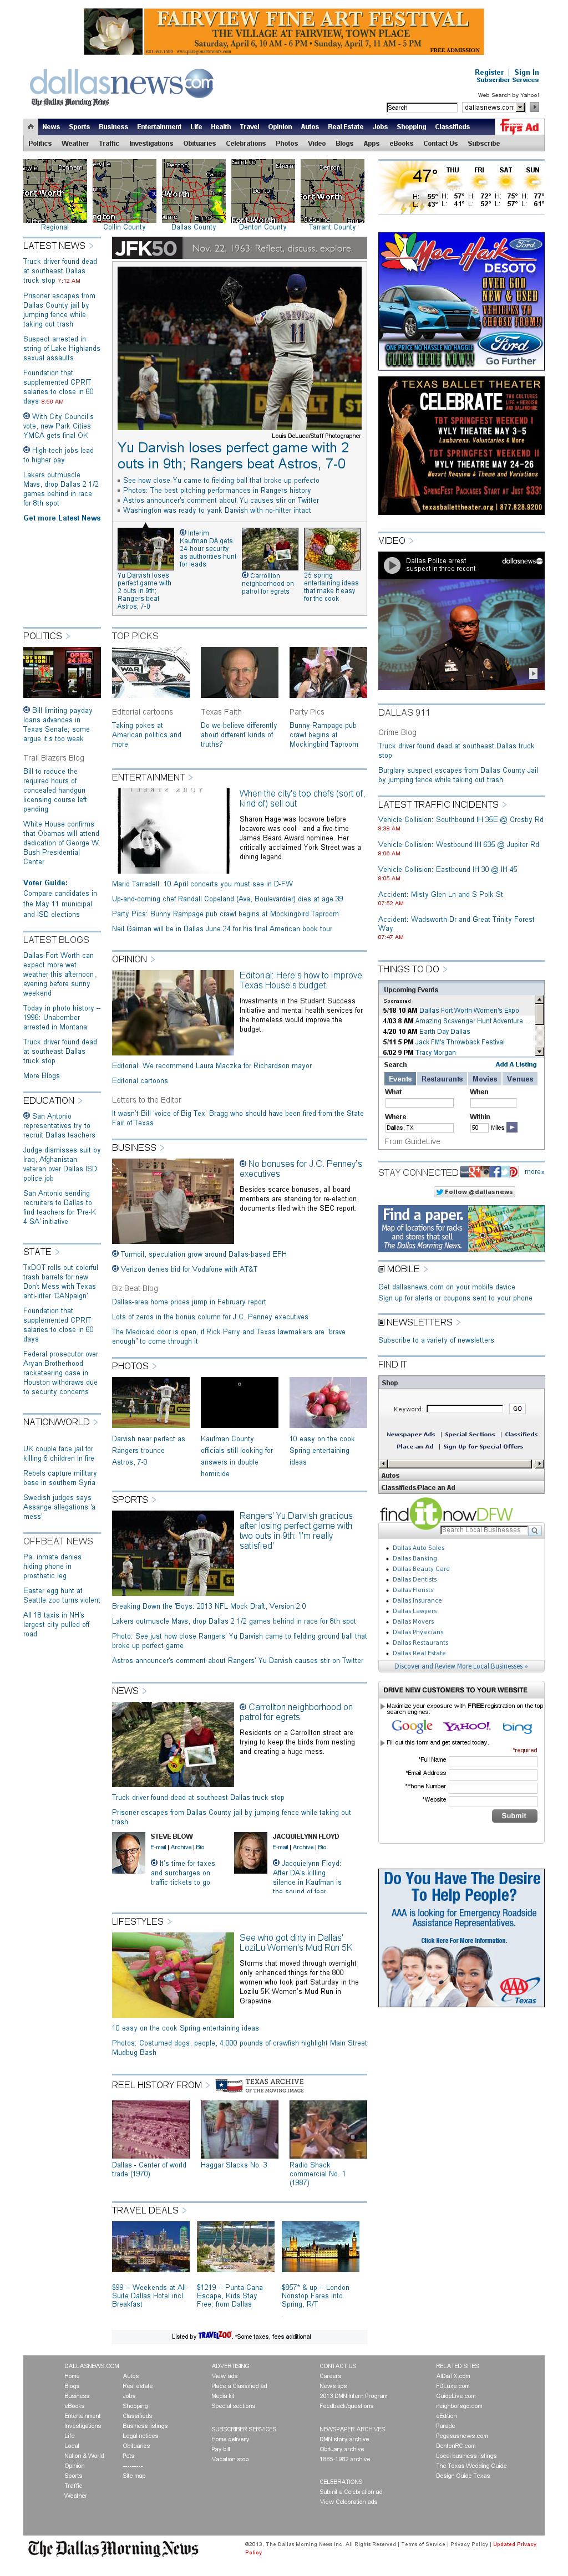 dallasnews.com at Wednesday April 3, 2013, 2:04 p.m. UTC